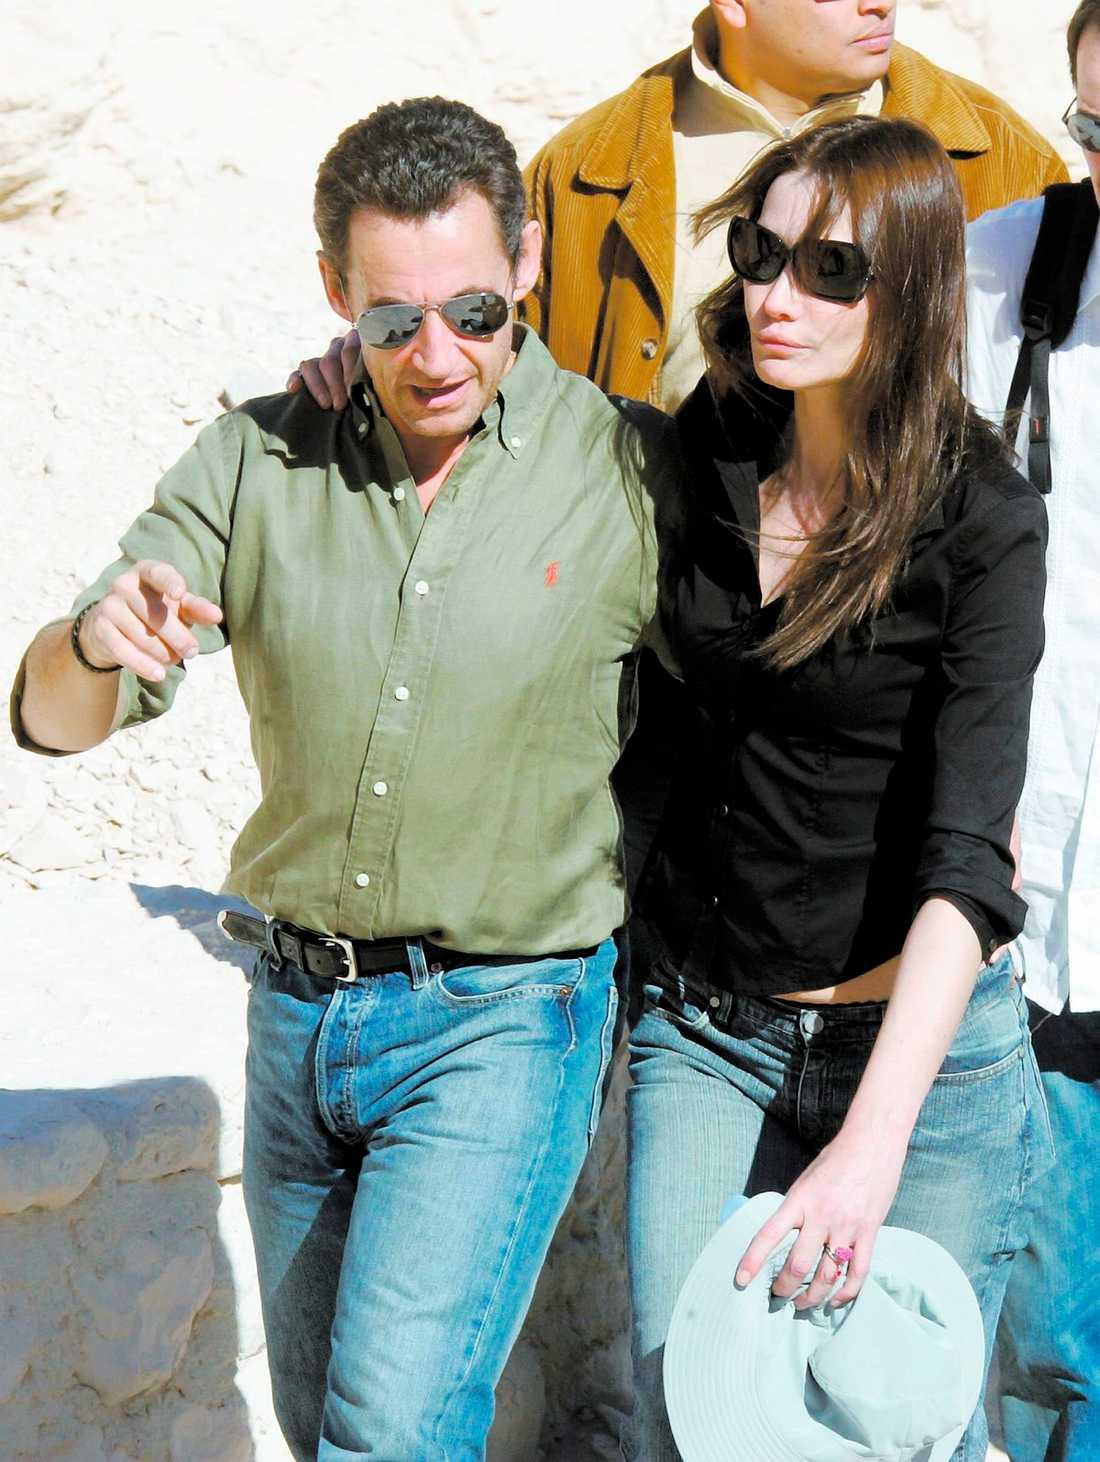 lika som bär Många tycker att nya fästmön Carla Bruni är mycket lik president Sarkozys exfru Cécilia. Det är i alla fall lätt att konstatera att kvinnornas ringar är identiska.